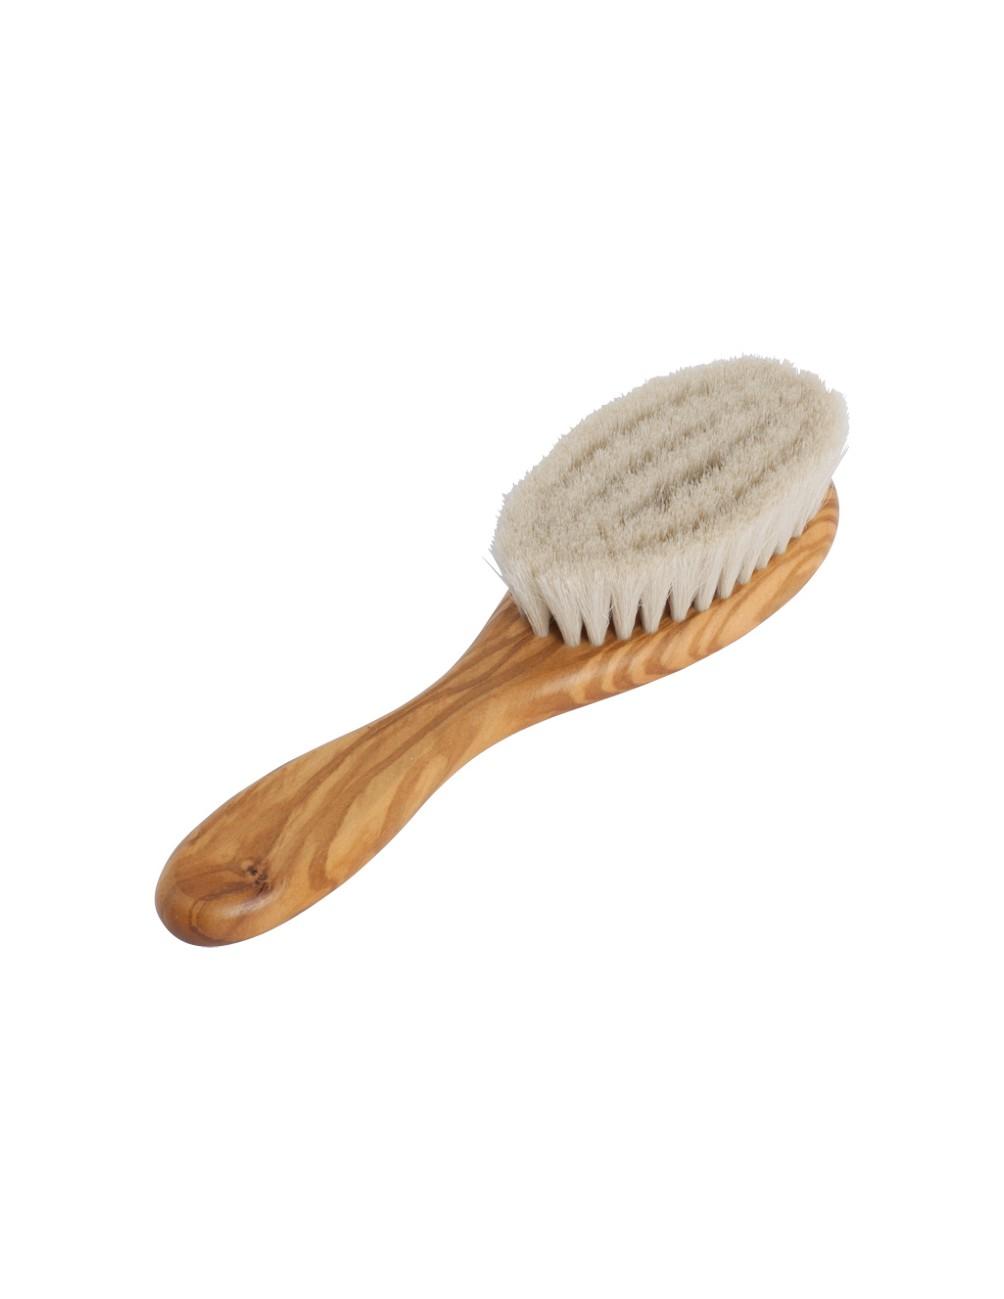 Hairbrush Baby Olive Wood